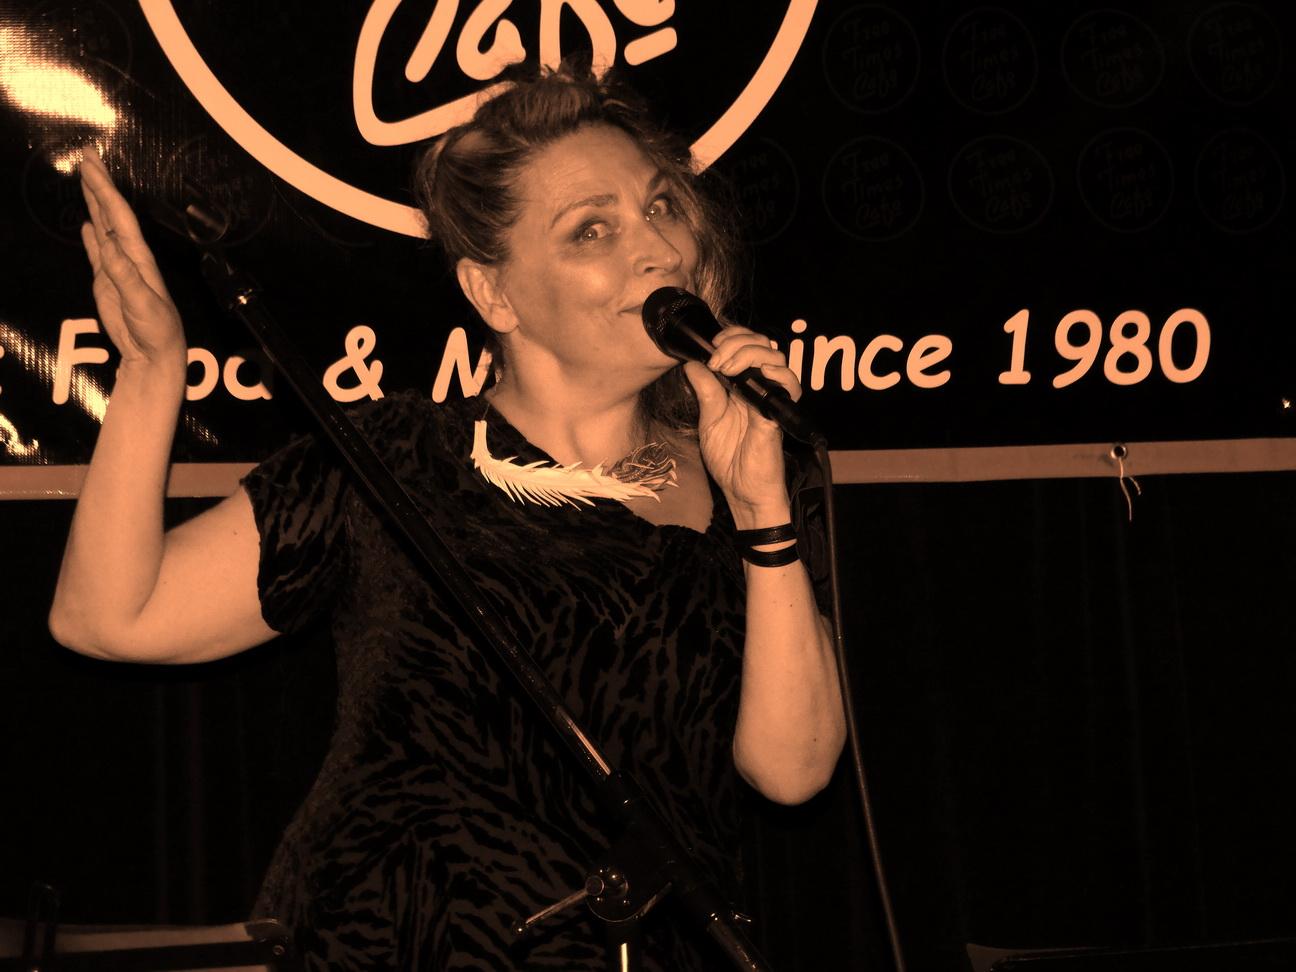 Linda Carone: The Viper